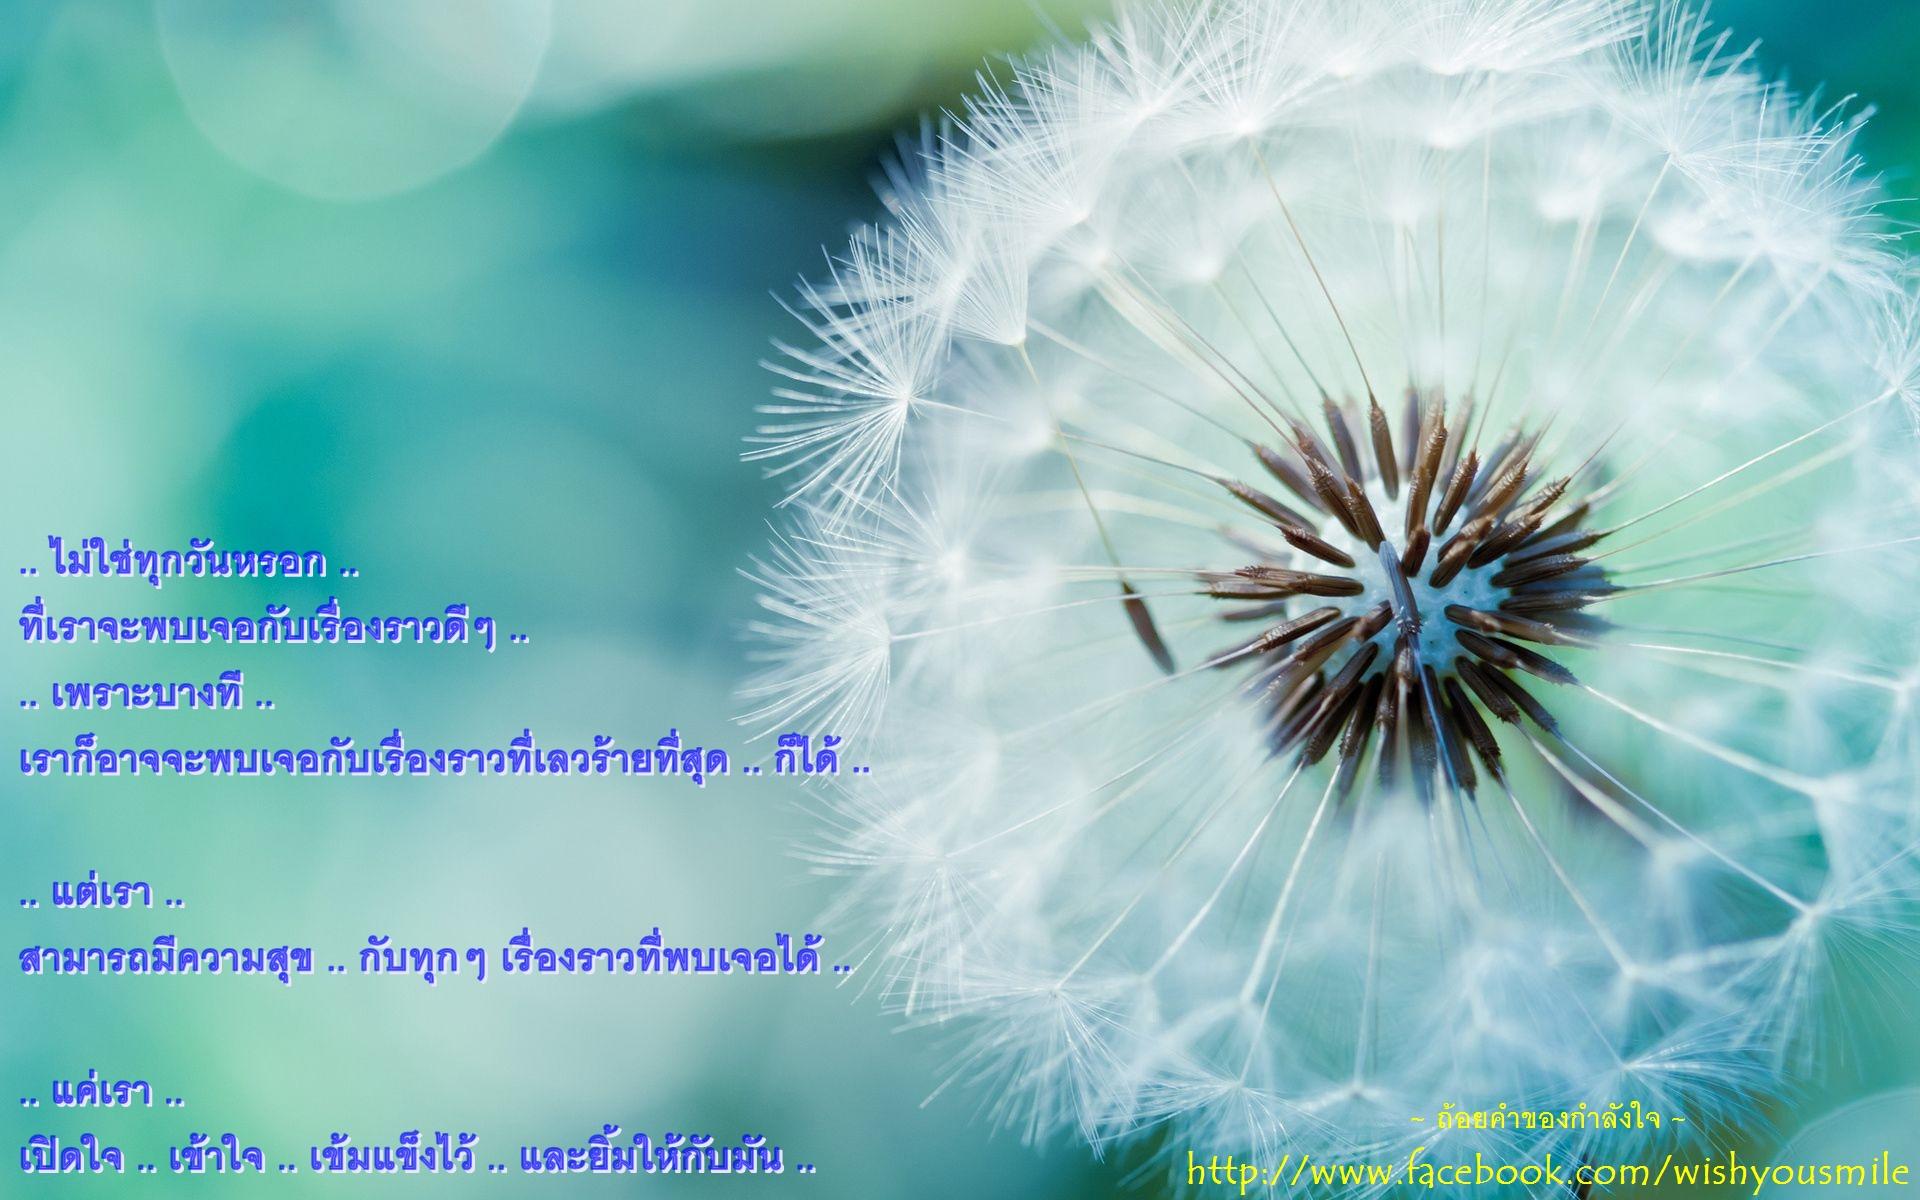 551022388507255.jpg